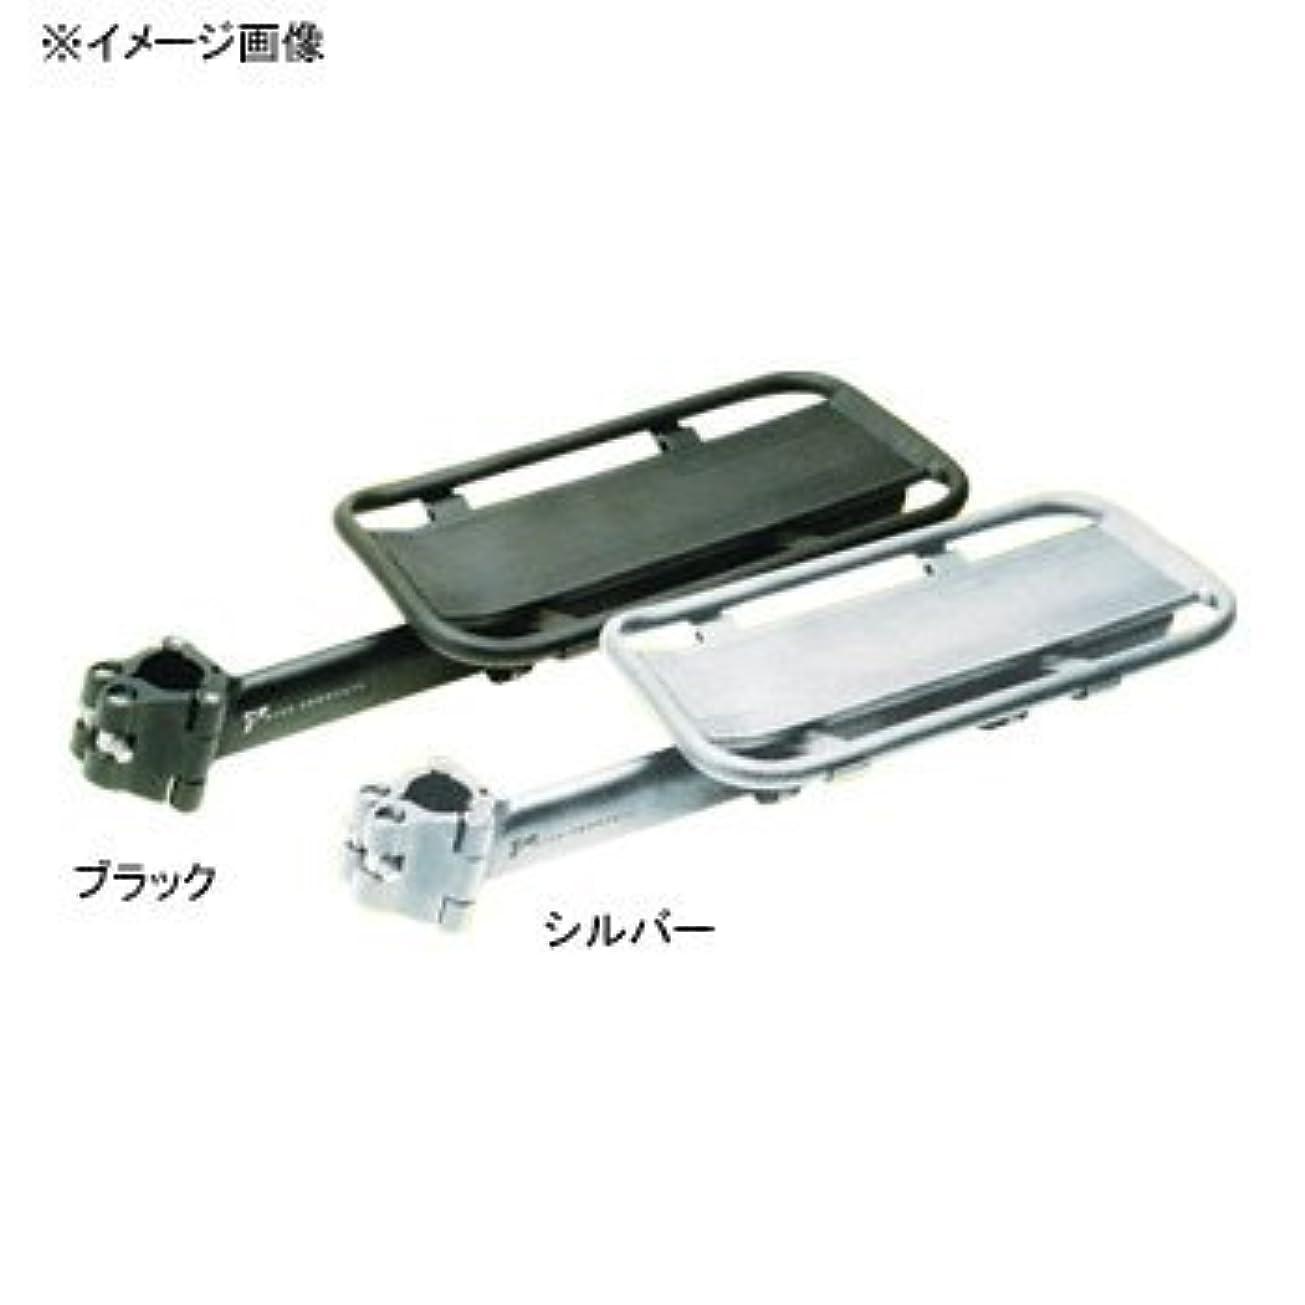 日付詳細な眠りGIZA PRODUCTS(ギザプロダクツ) EZ キャリアー ミニ (スライド タイプ) ブラック